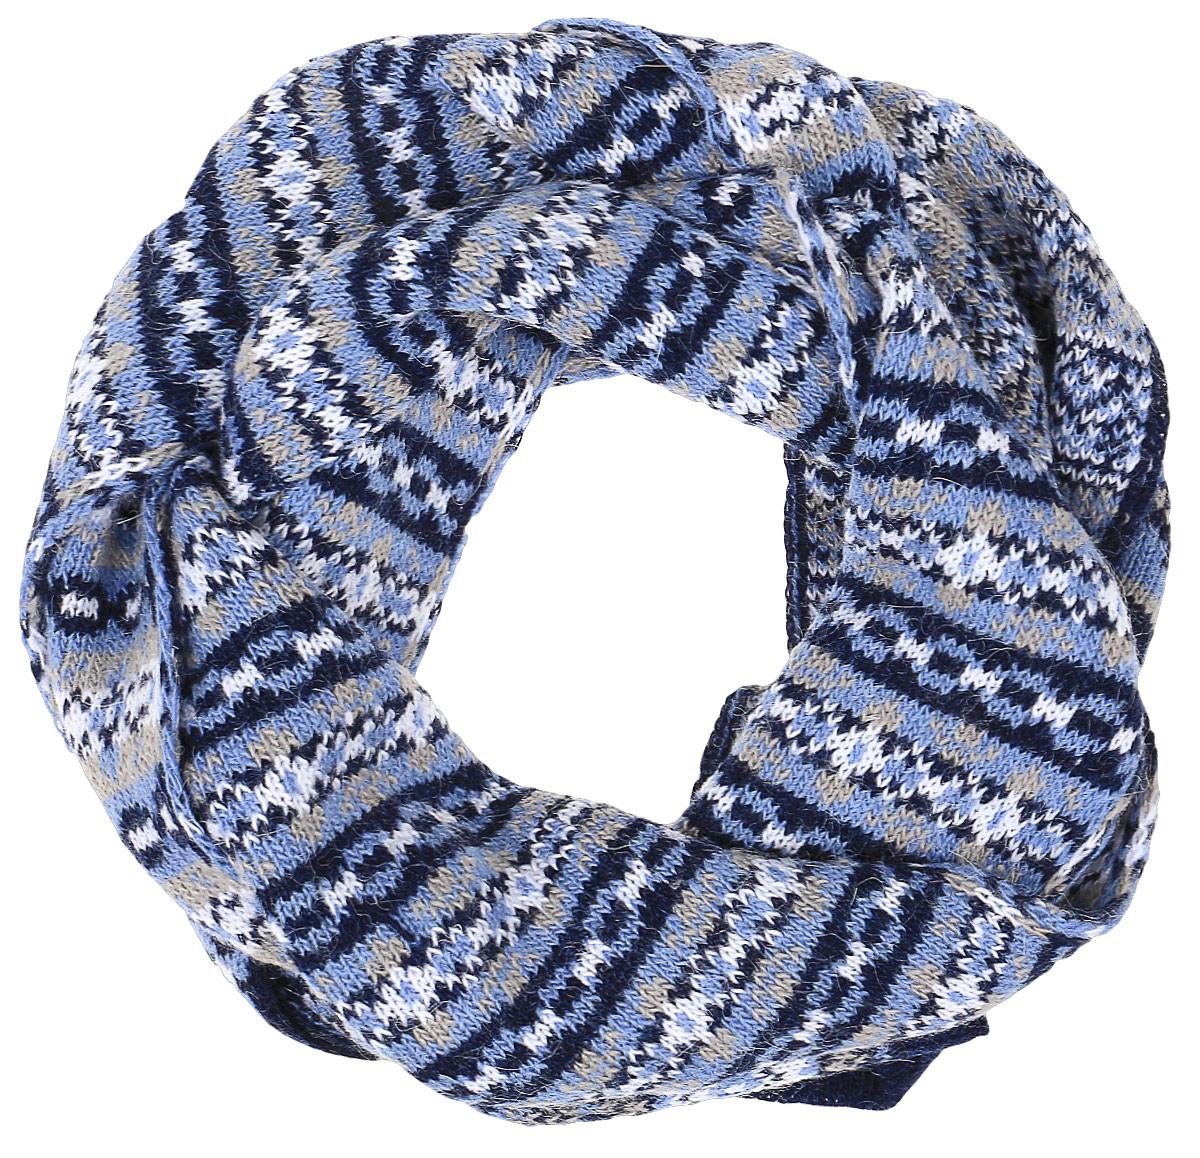 Шарф женский Finn Flare, цвет: темно-синий, голубой. W16-12118_101. Размер 20 см х 160 см джемпер мужской finn flare цвет темно синий бежевый w16 22105 101 размер s 46